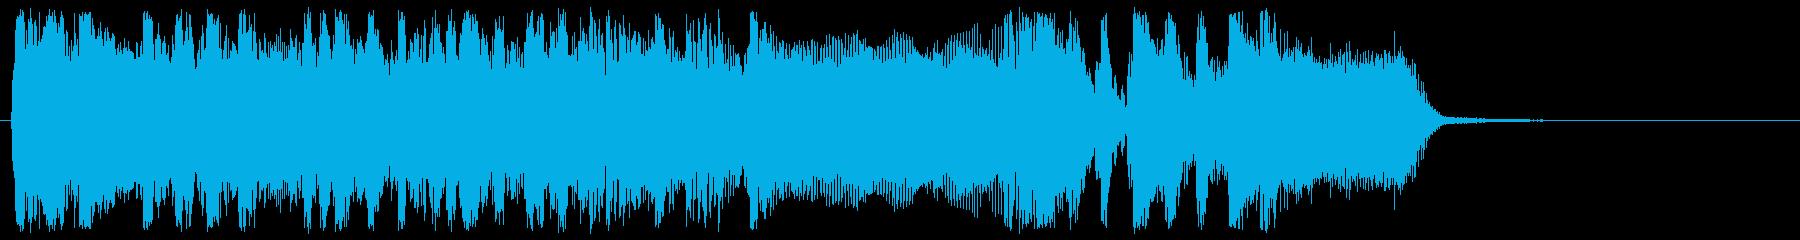 場面転換、想定外の出来事紹介の時等 HVの再生済みの波形